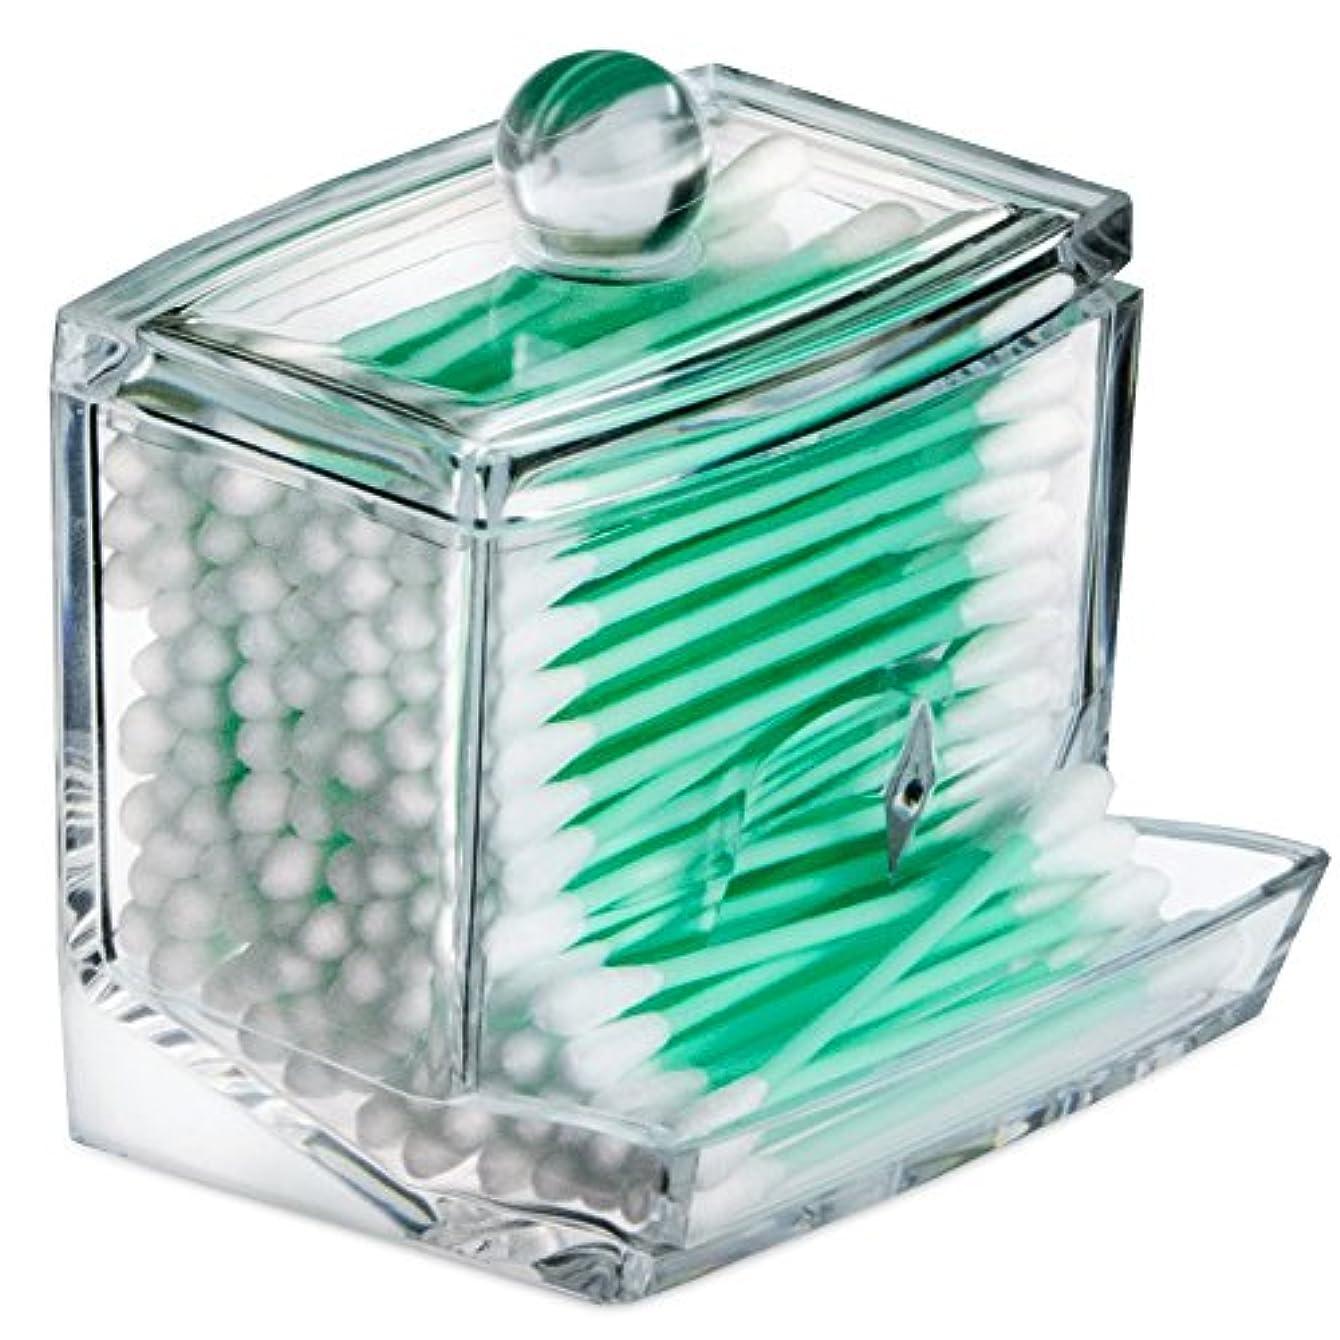 受け入れ指紋正気STARMAX 棉棒ボックス 透明 アクリル製 フタ付き 防塵 清潔 化粧品小物 収納ケース 綿棒入れ 小物入れ 化粧品入れ コスメボックス (9cm*7cm*7.5cm)